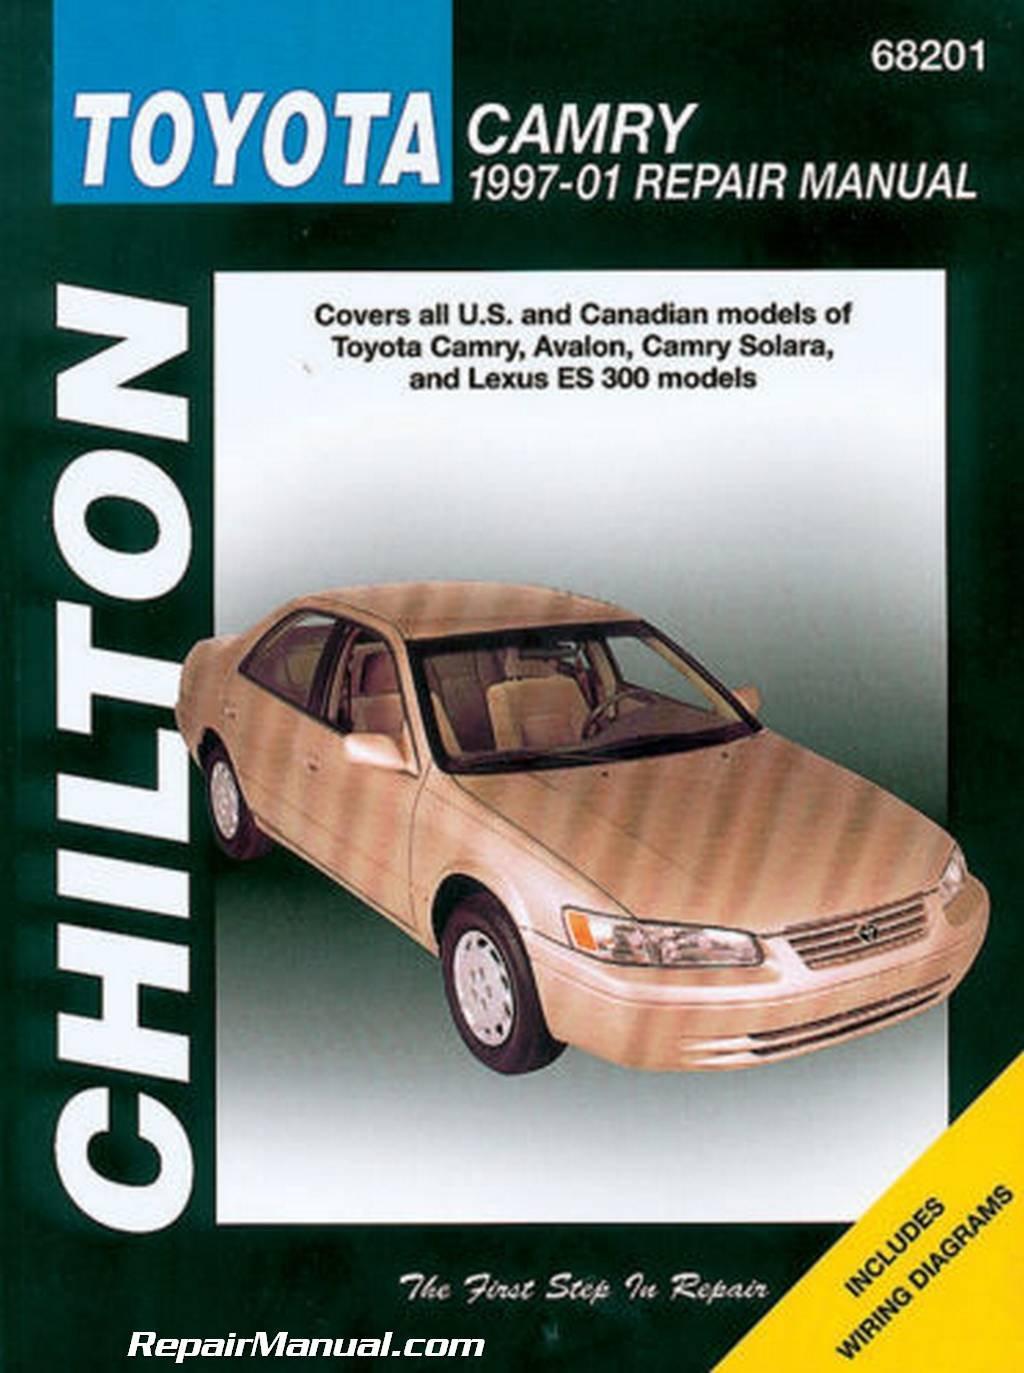 CH68201 Chilton Toyota Camry Avalon Solara Lexus ES 300 1997-2001 Auto Repair  Manual: Manufacturer: Amazon.com: Books